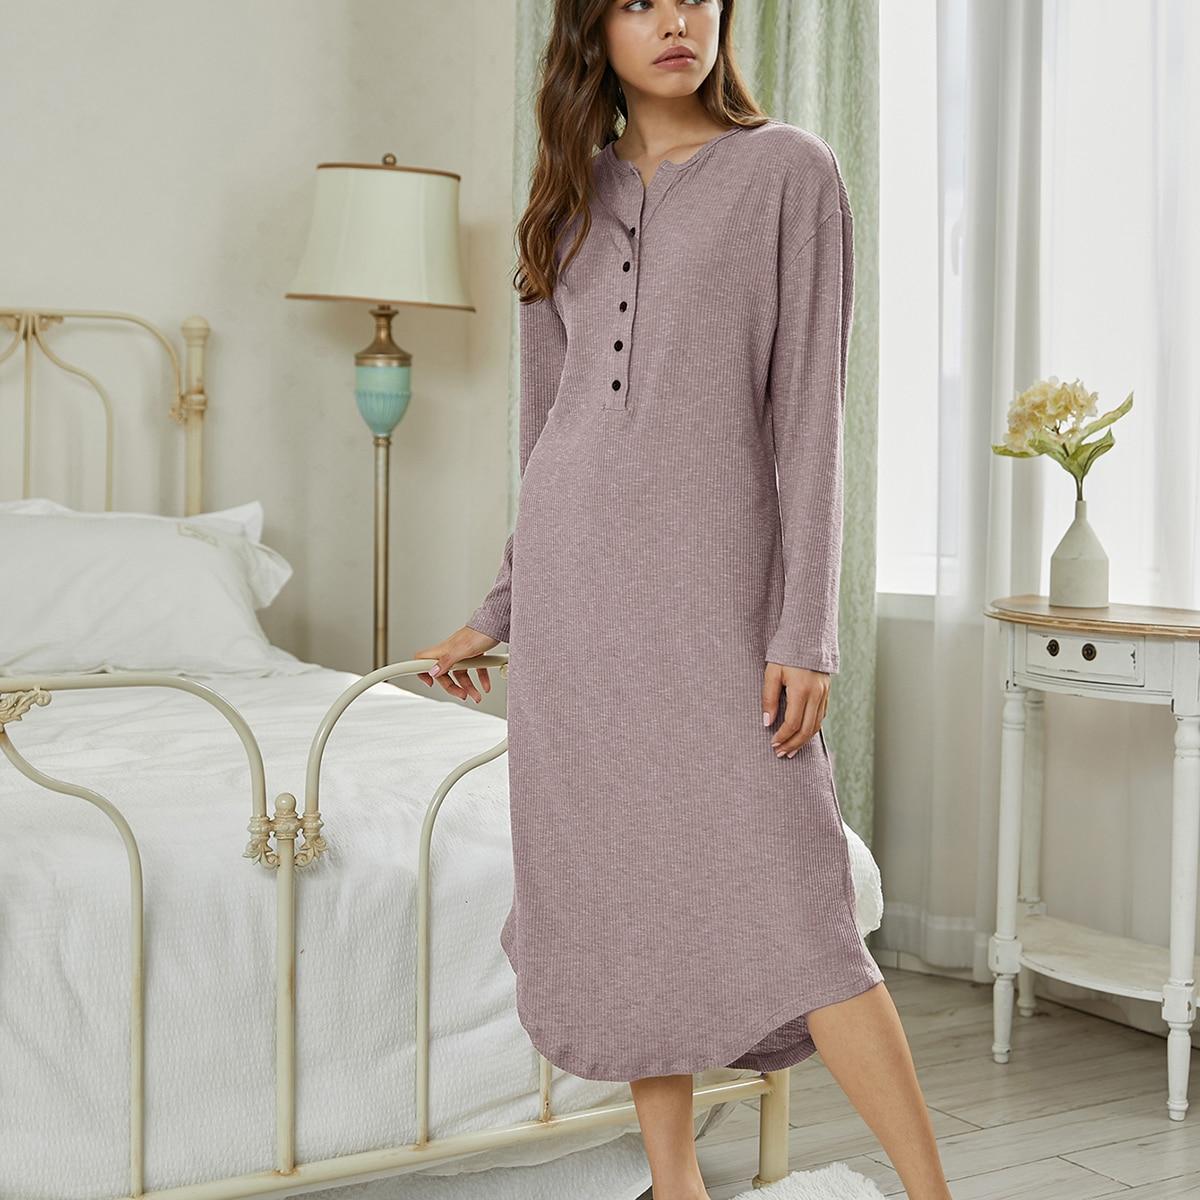 Вязаное домашнее платье в рубчик с пуговицами